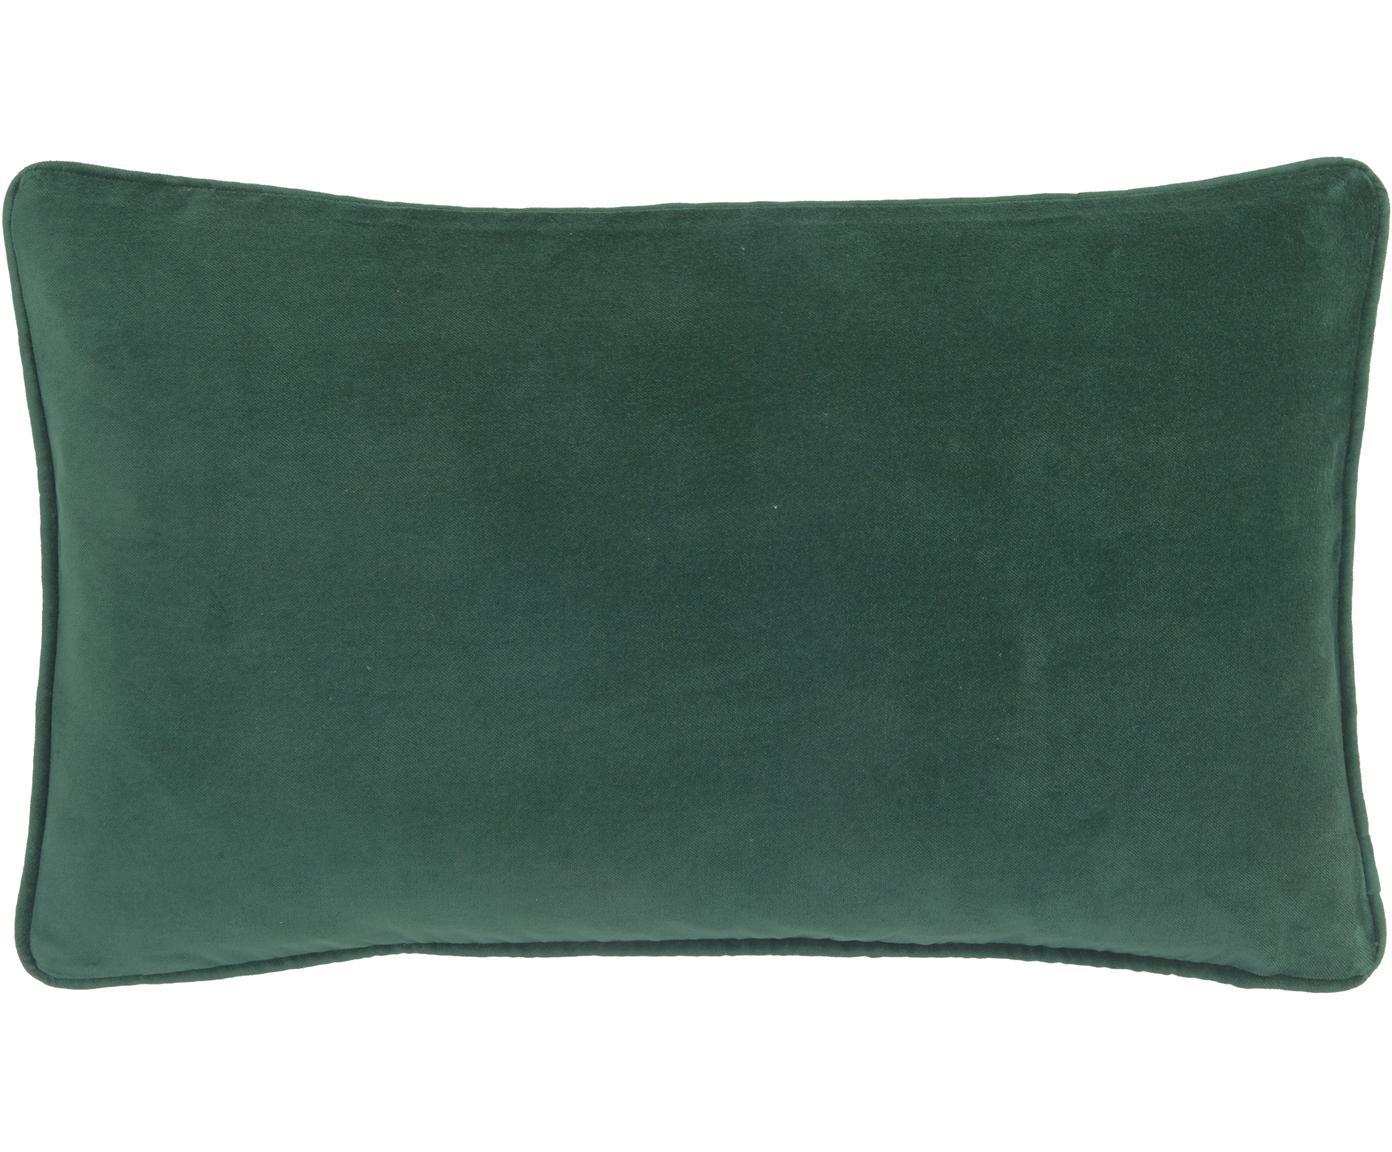 Funda de cojín de terciopelo Dana, Terciopelo de algodón, Verde esmeralda, An 30 x L 50 cm